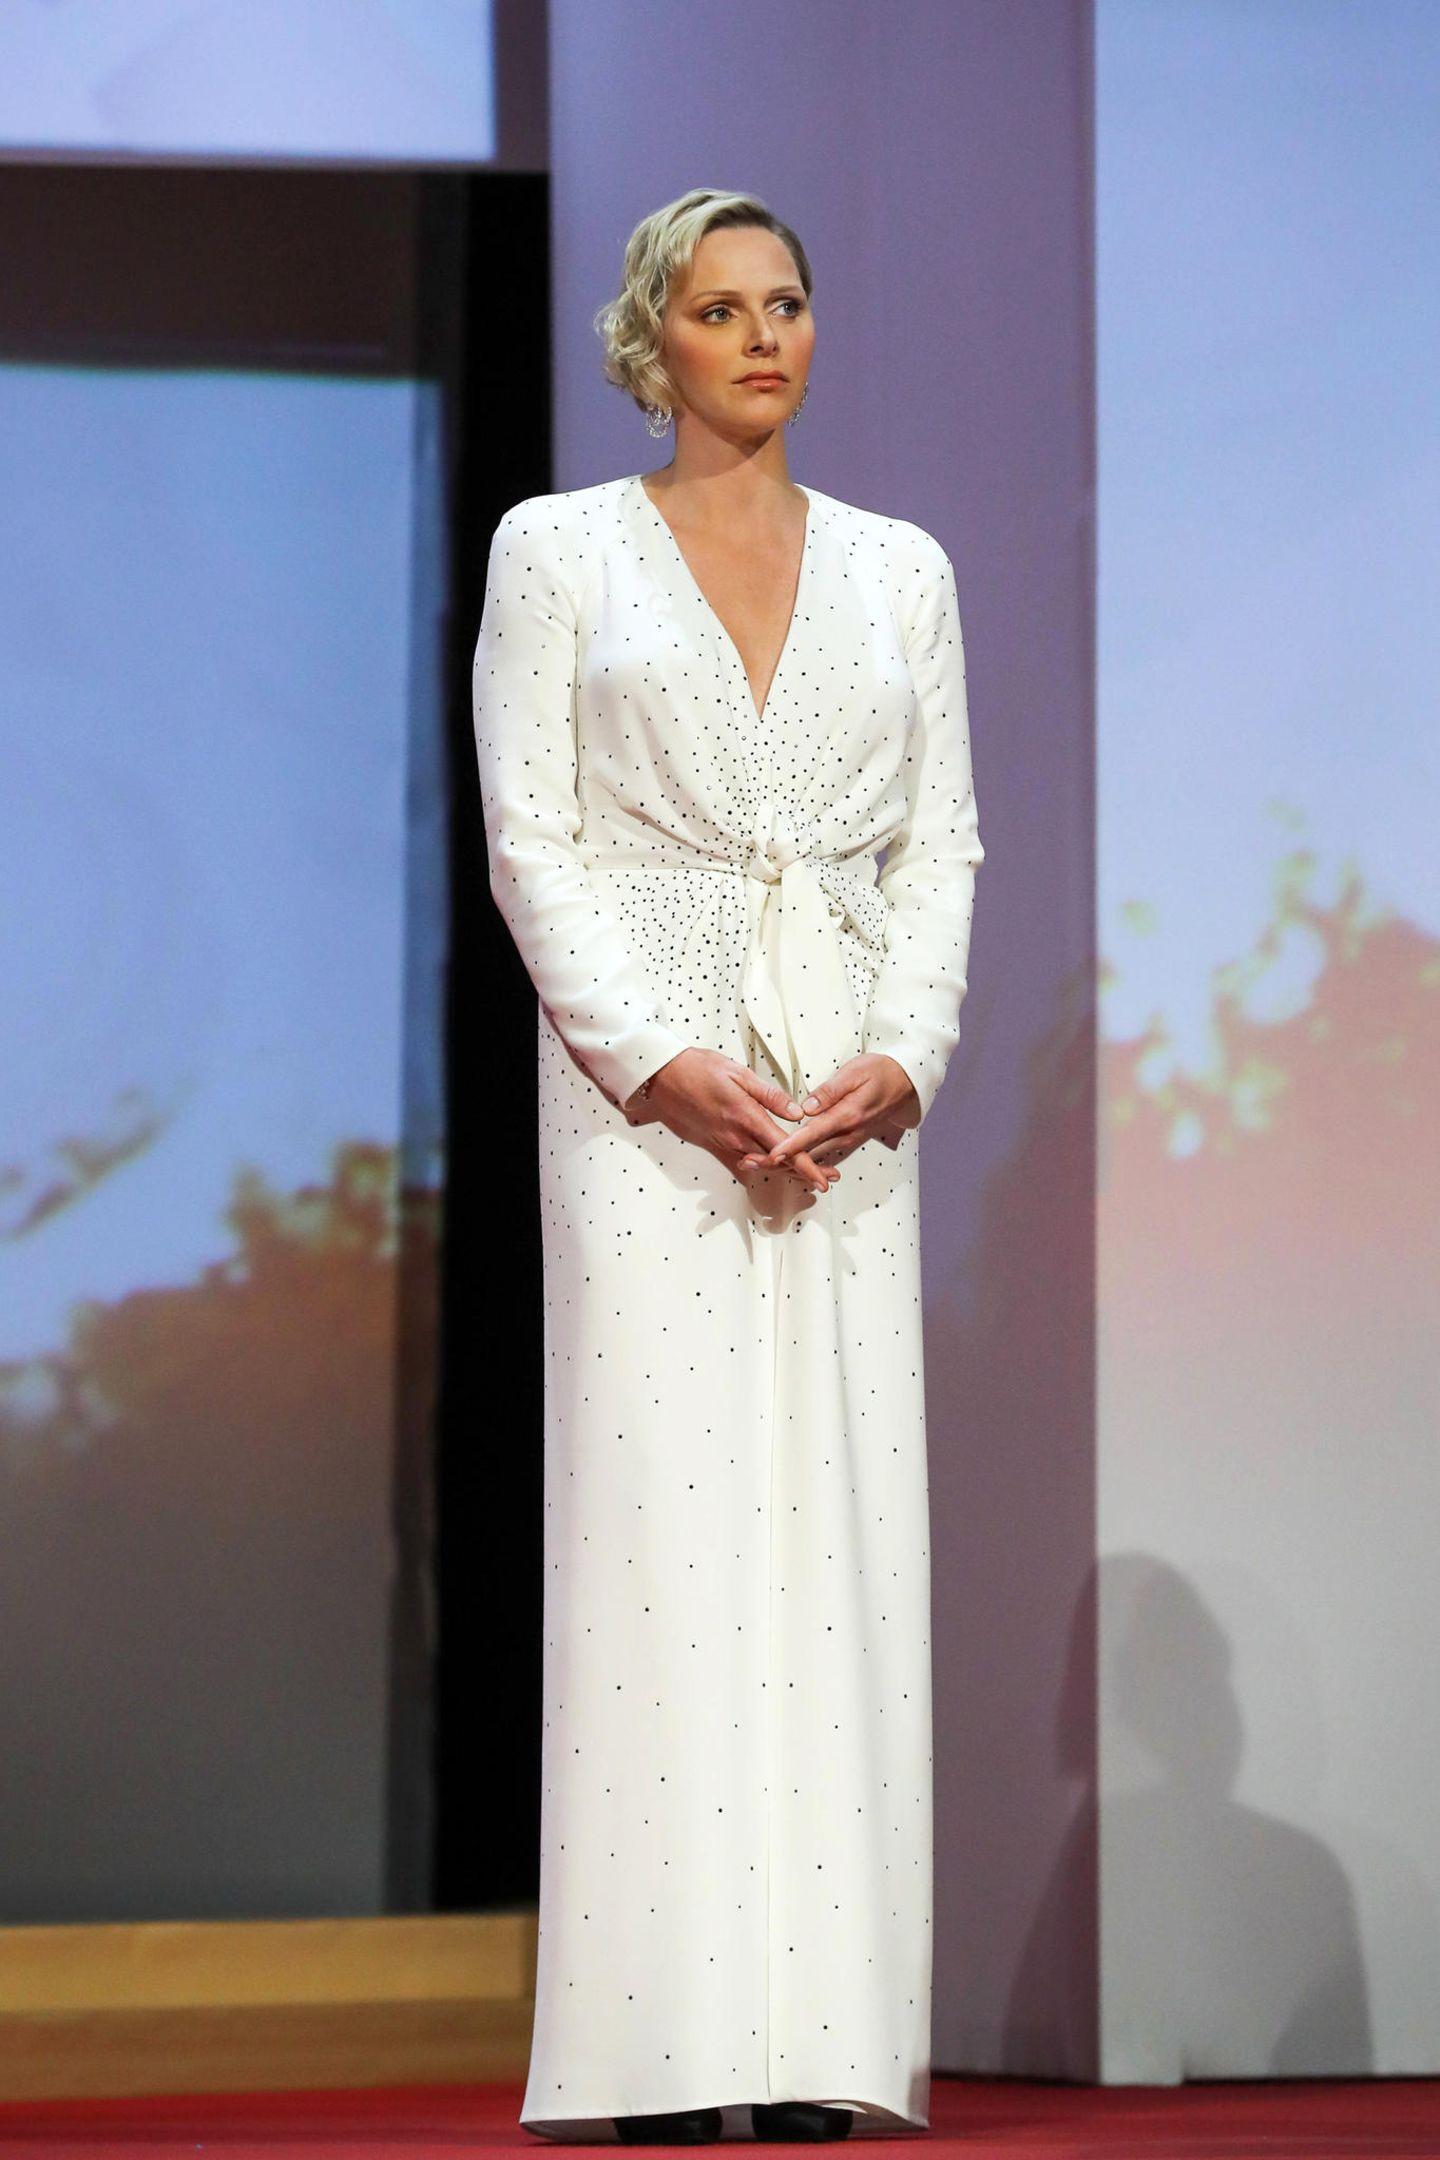 Fürstin Charlène trägt ein bodenlanges, weißes Kleid mit V-Ausschnitt, geraffter Taille und schwarzen, filigranen Punkten. Das Modell stammt aus der Pre Fall Kollektion von Louis Vuitton.